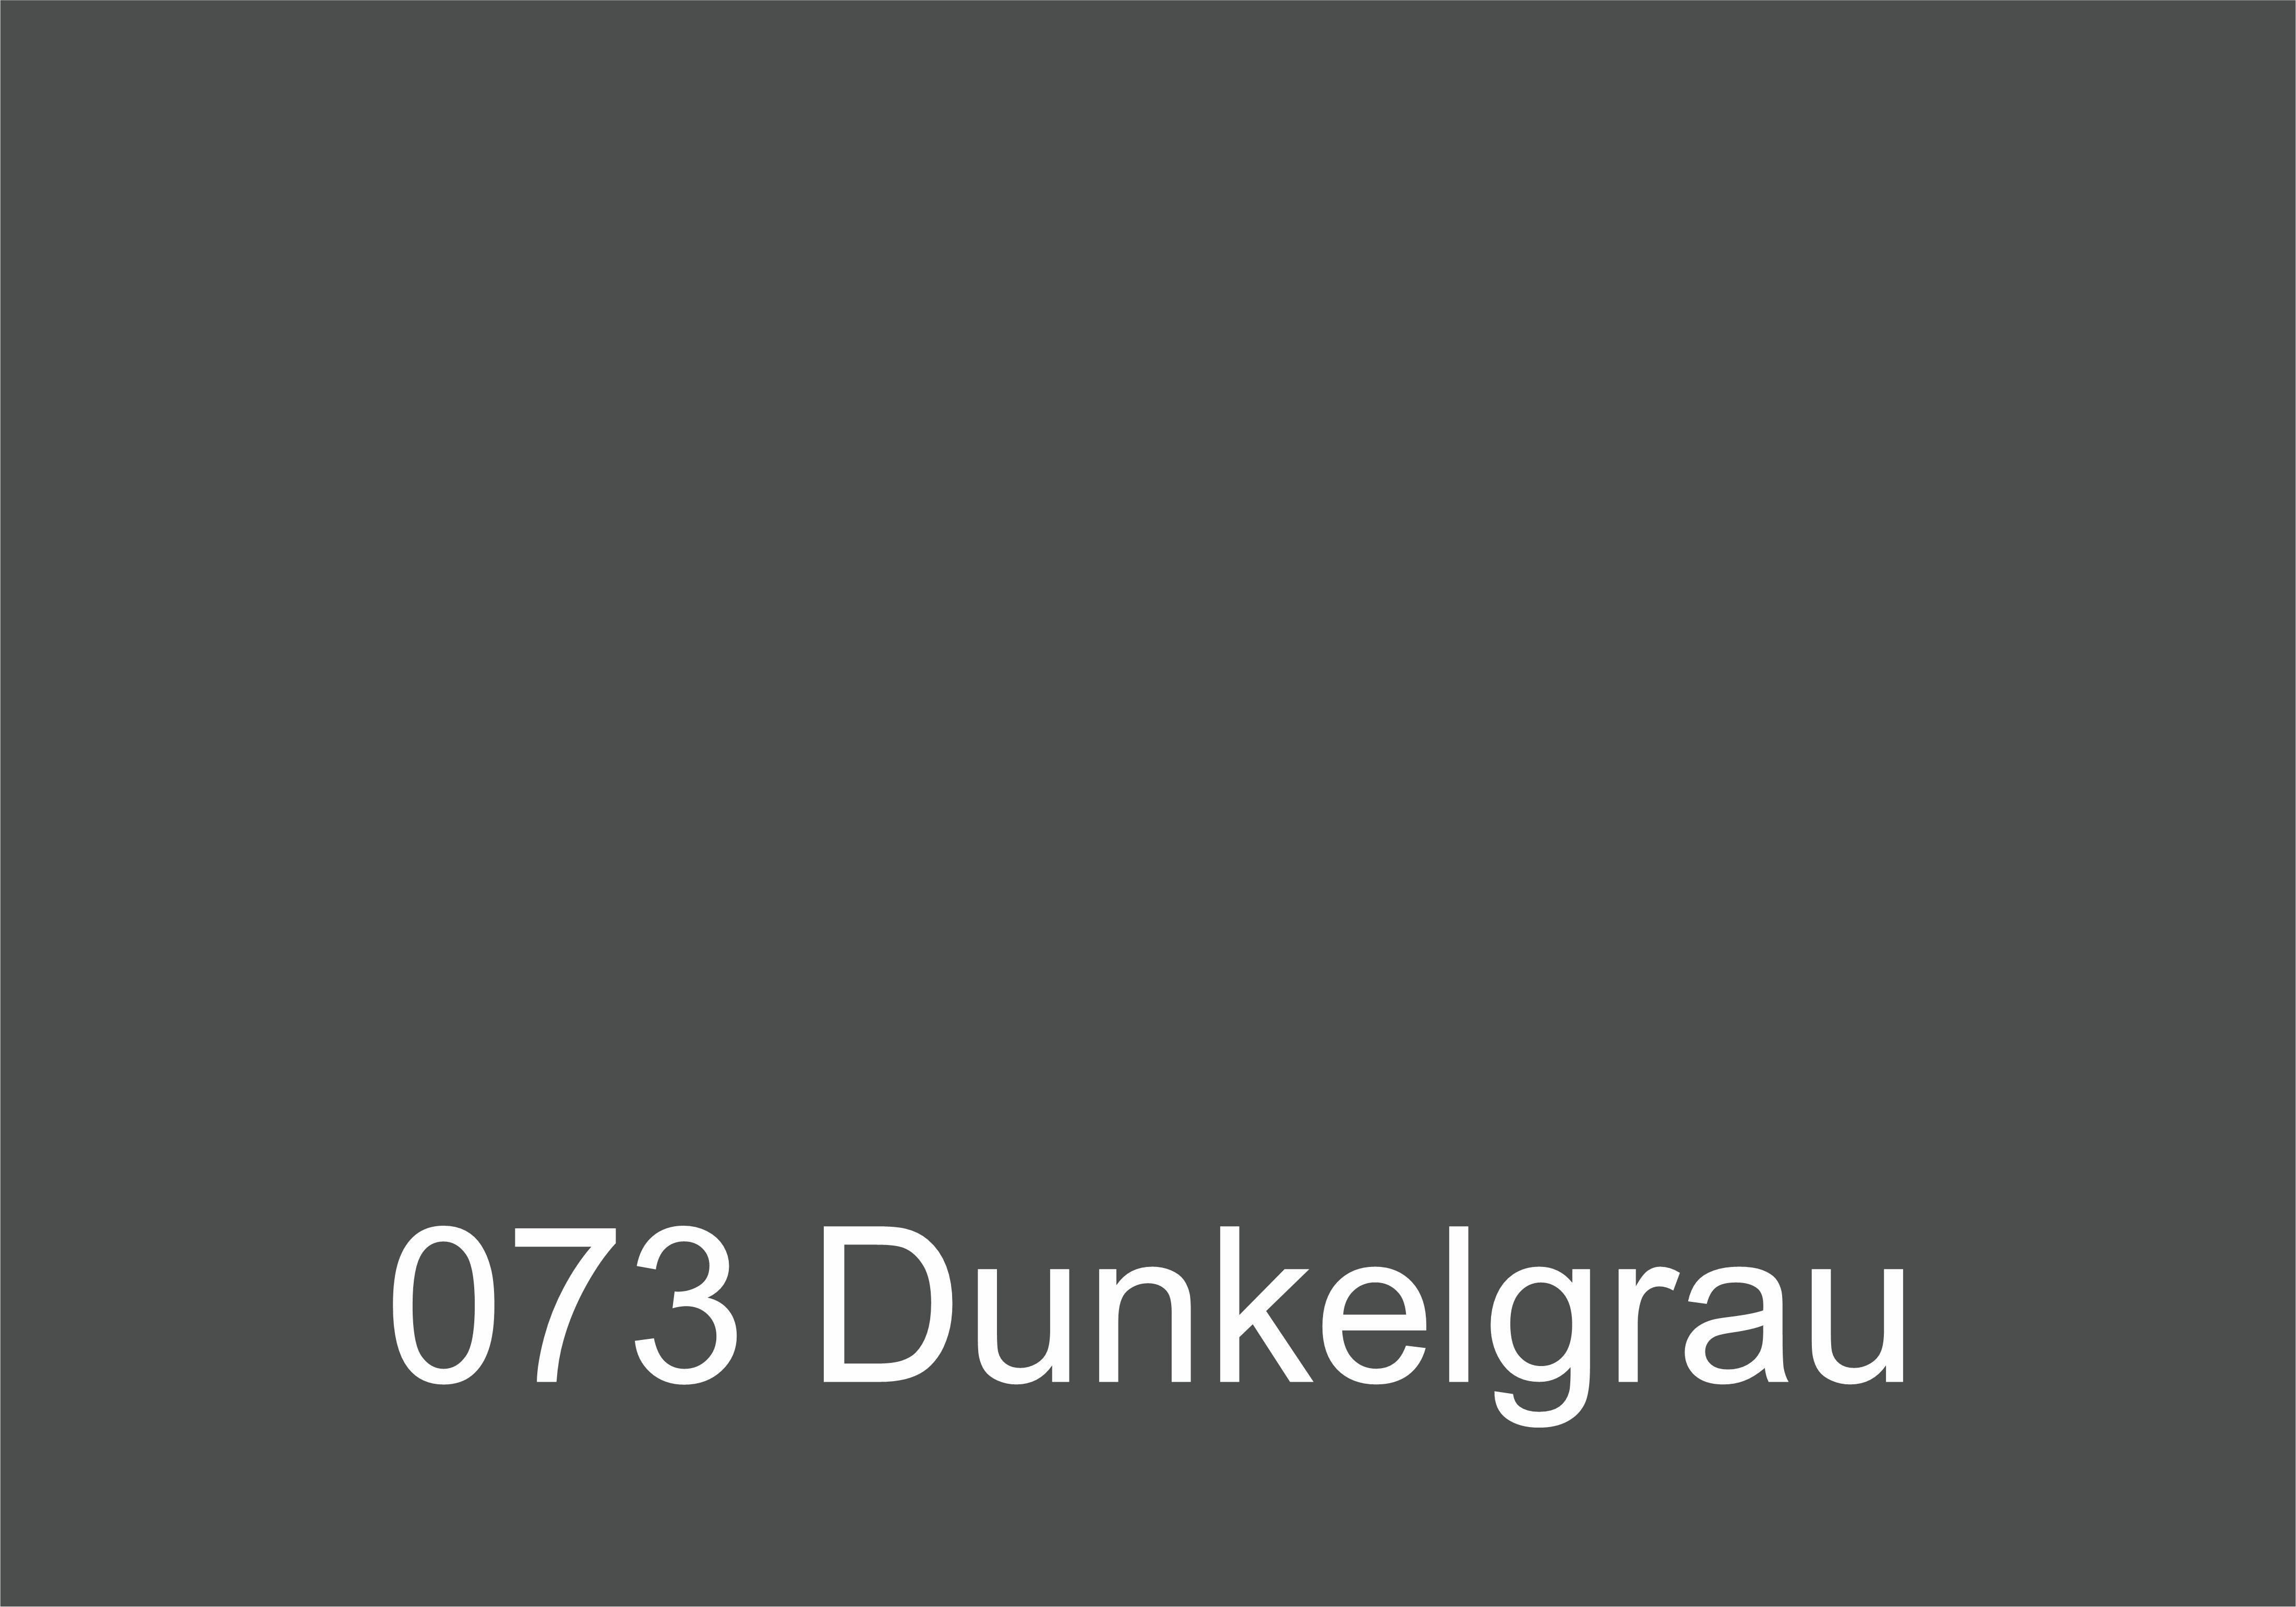 073 Dunkelgrau